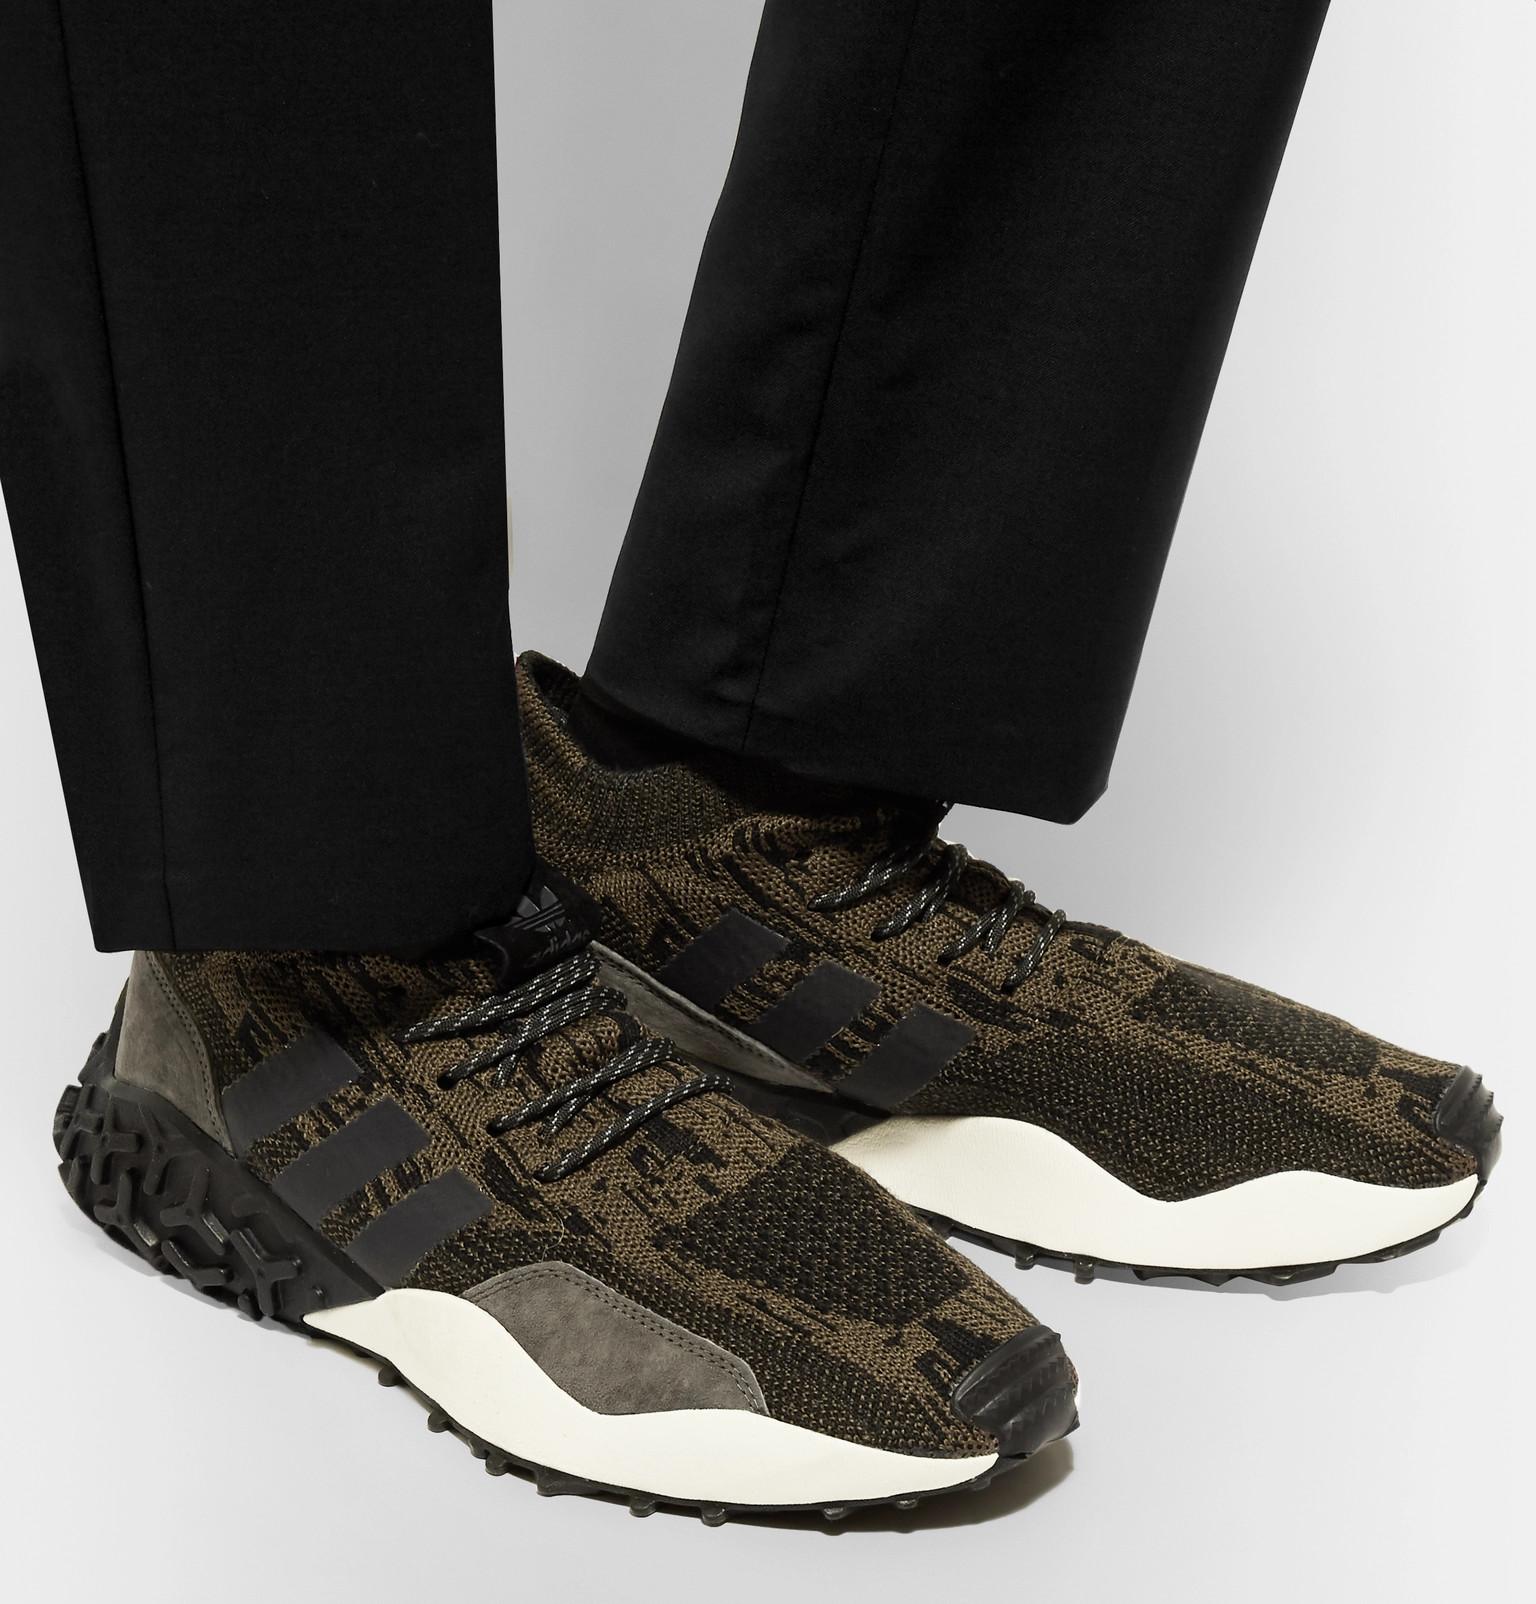 official photos 3cdc5 e4863 adidas OriginalsAtric F2 TR Suede-Trimmed Primeknit Sneakers